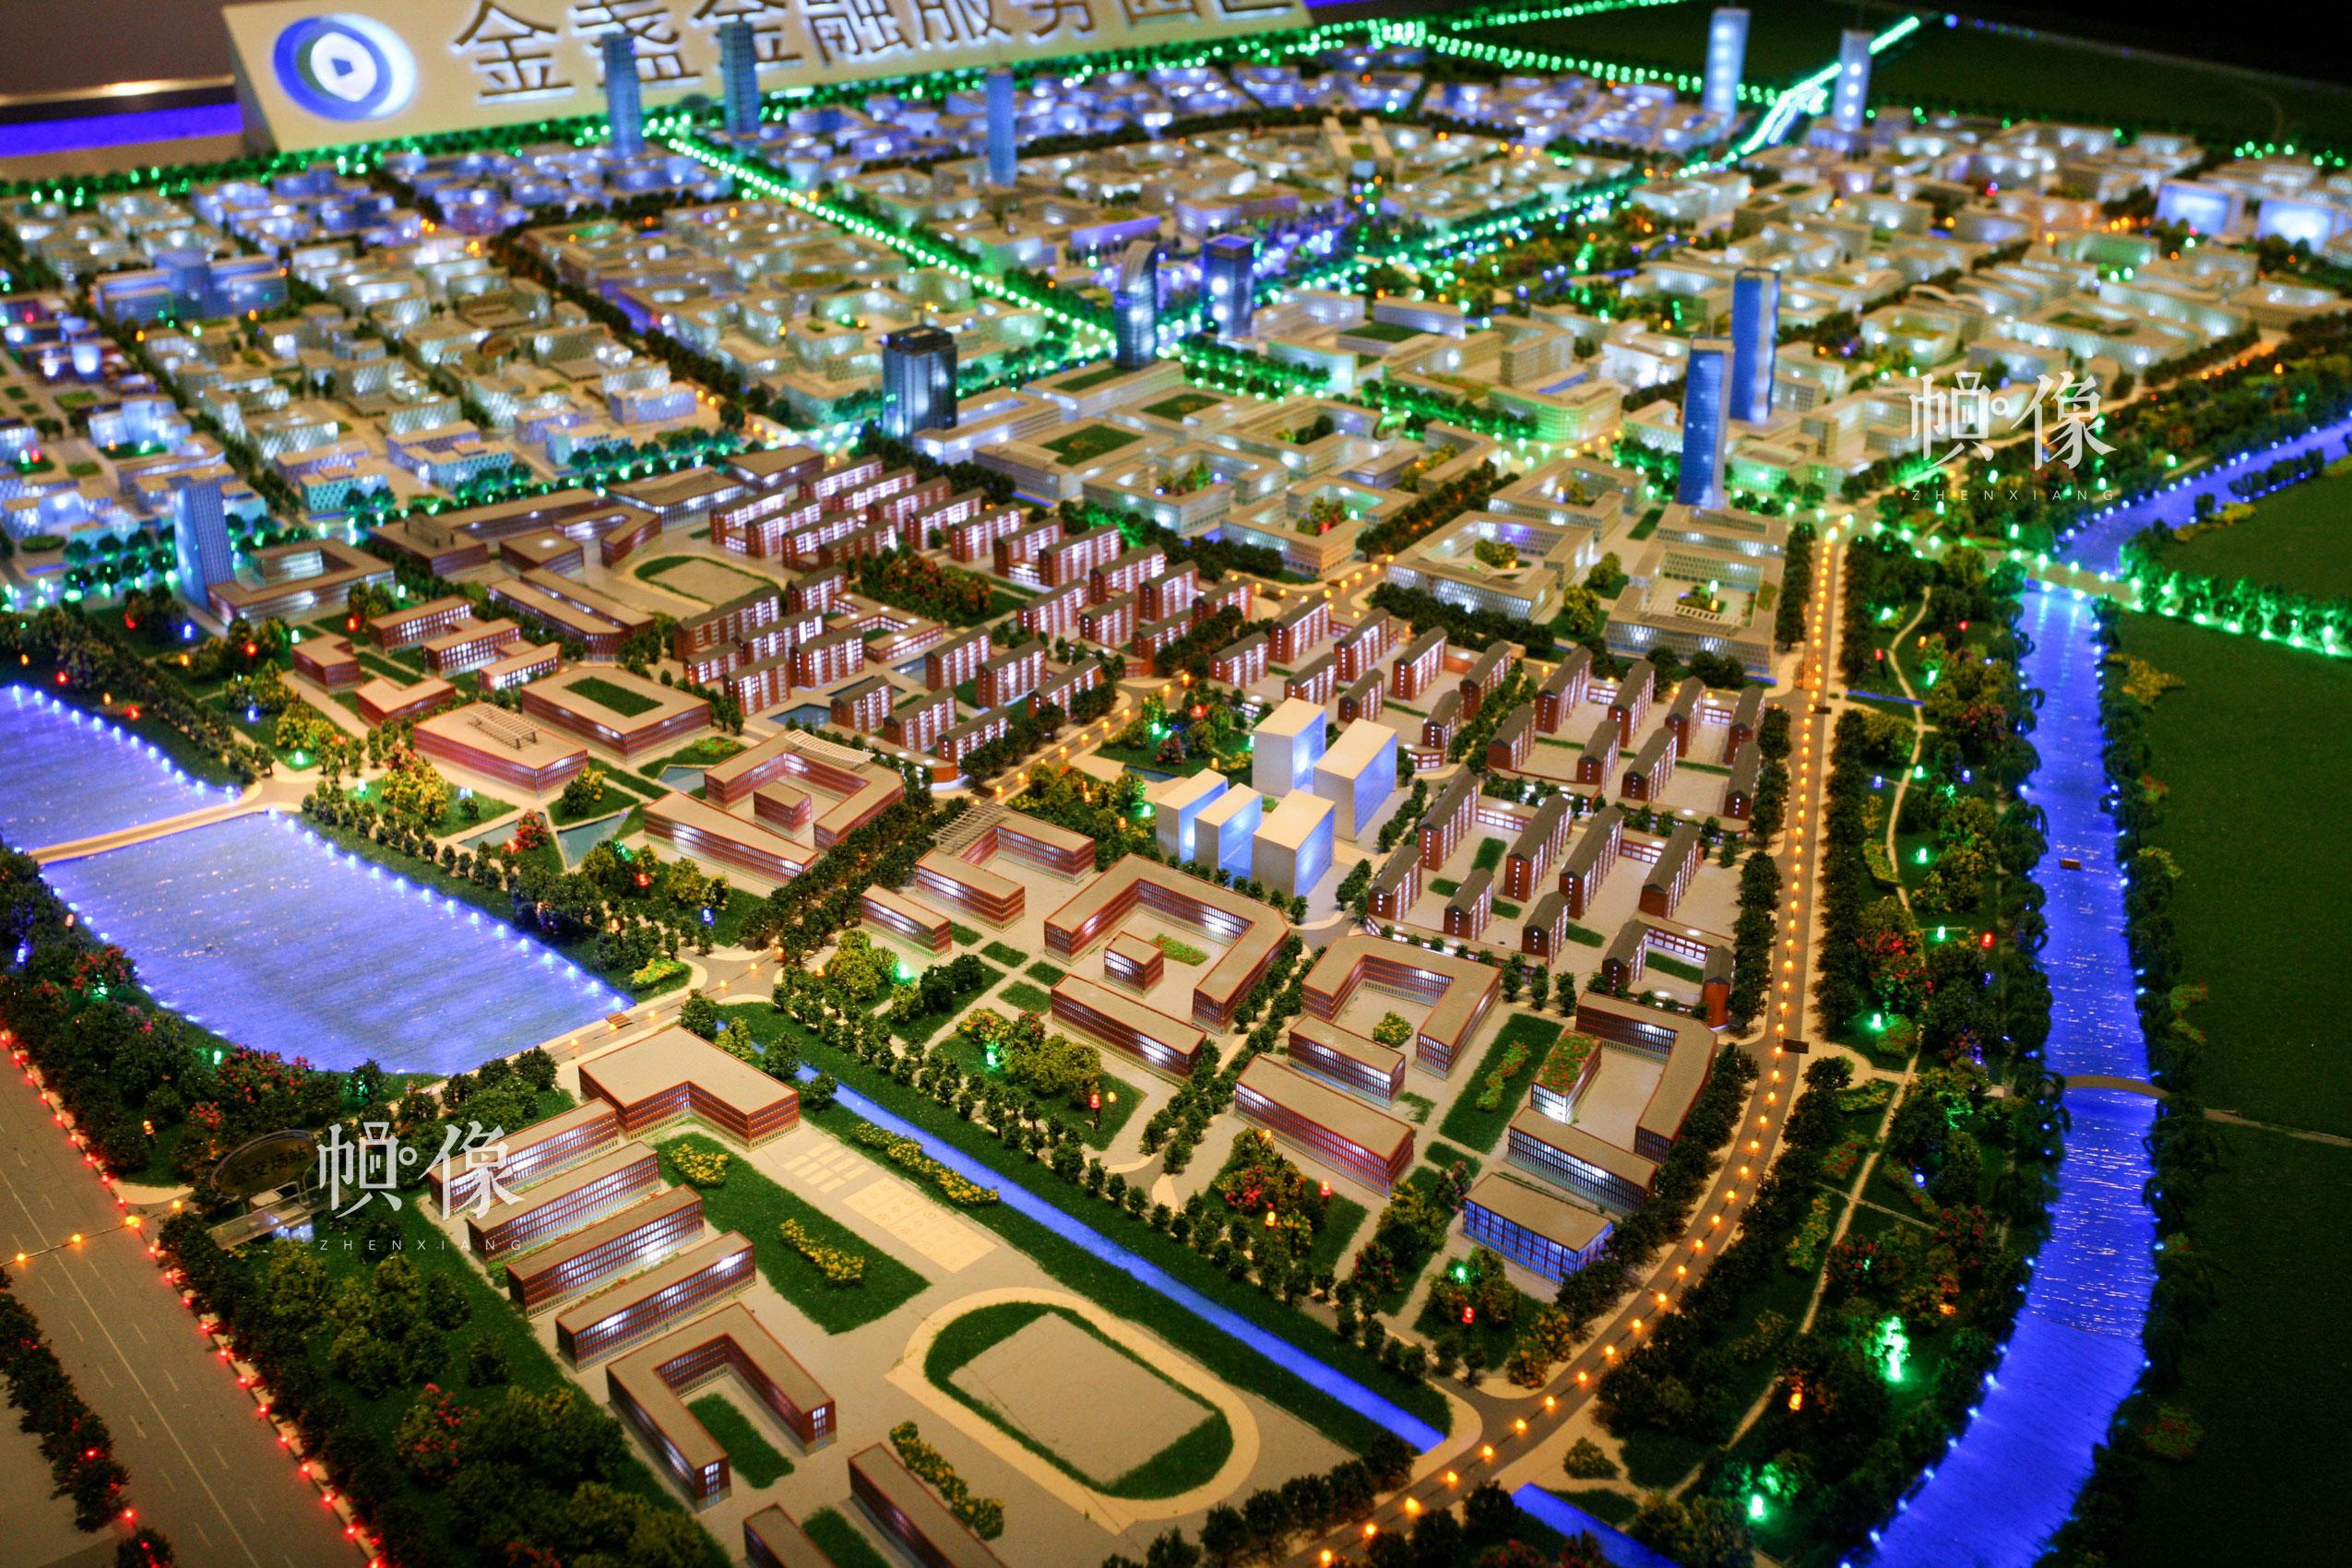 朝阳规划艺术馆未来空间展区展示朝阳区部分实景沙盘。朝阳规划艺术馆供图